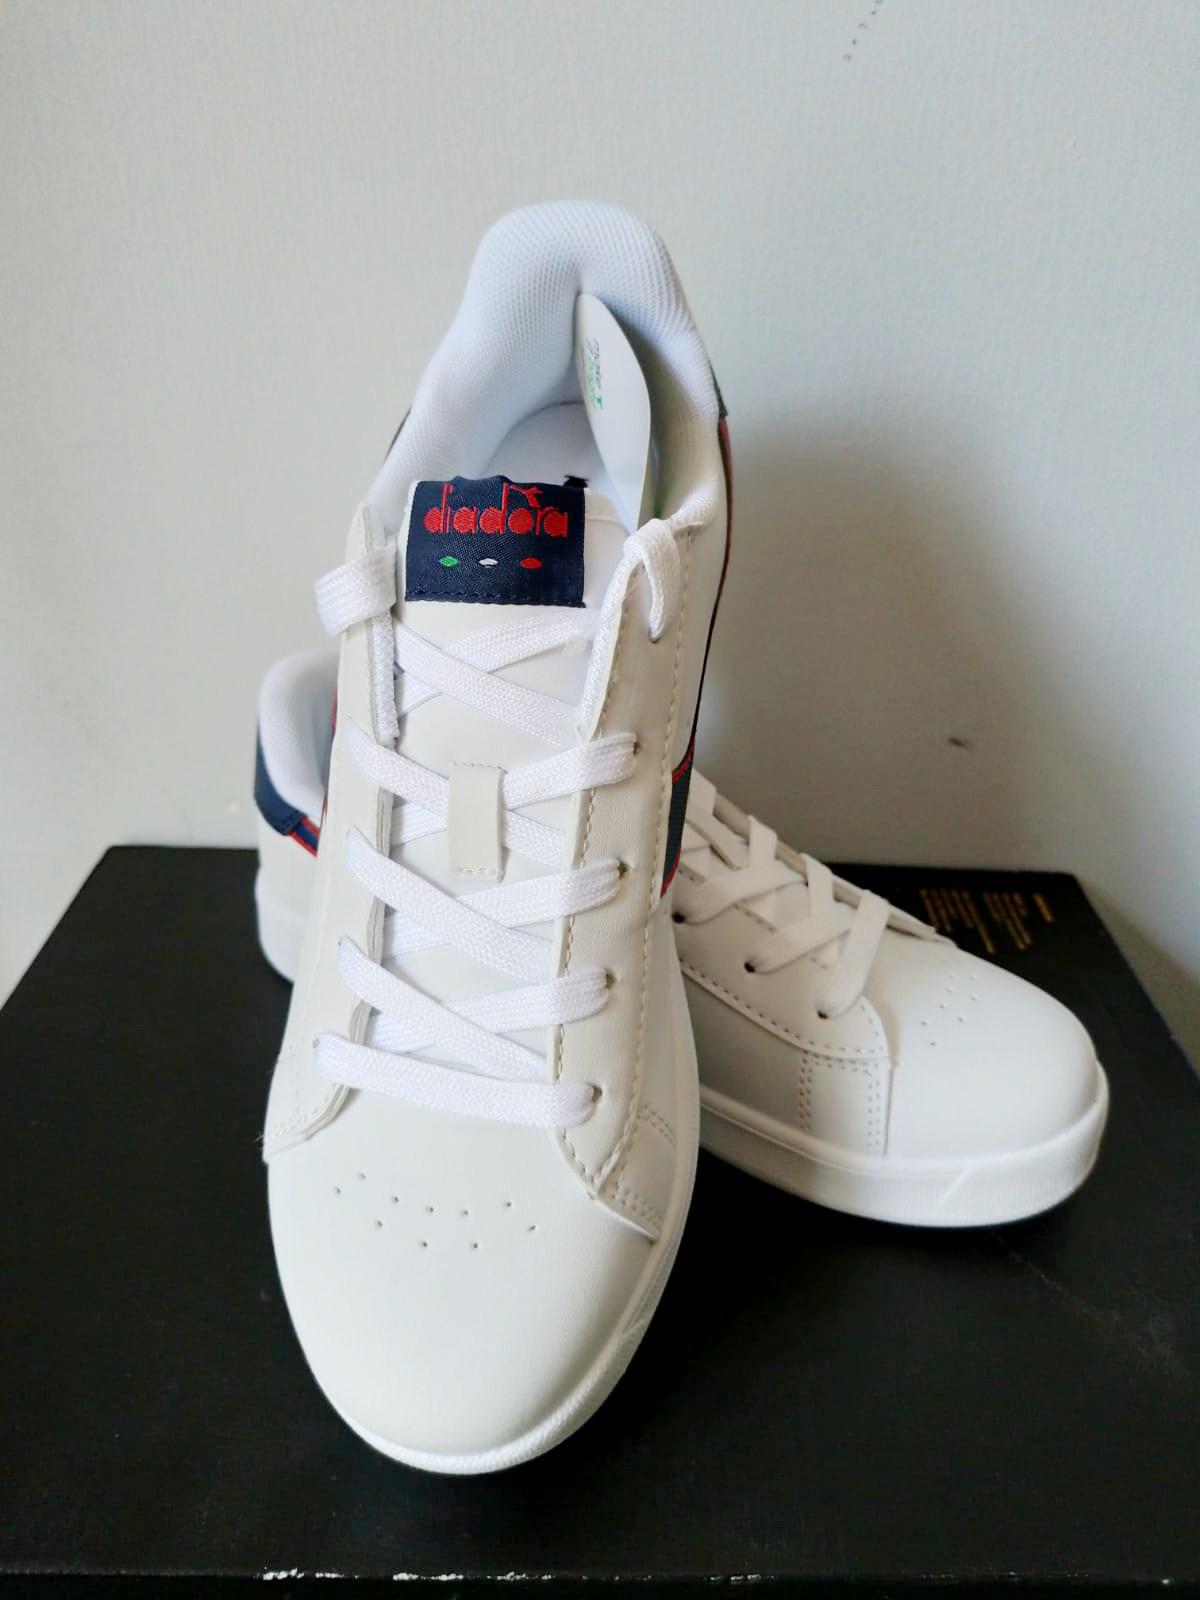 Sneakers P Style Jeu Enfant De Lifestyle Vie Sport Chaussures Sports Femme Diadora FnWwq6BxCE